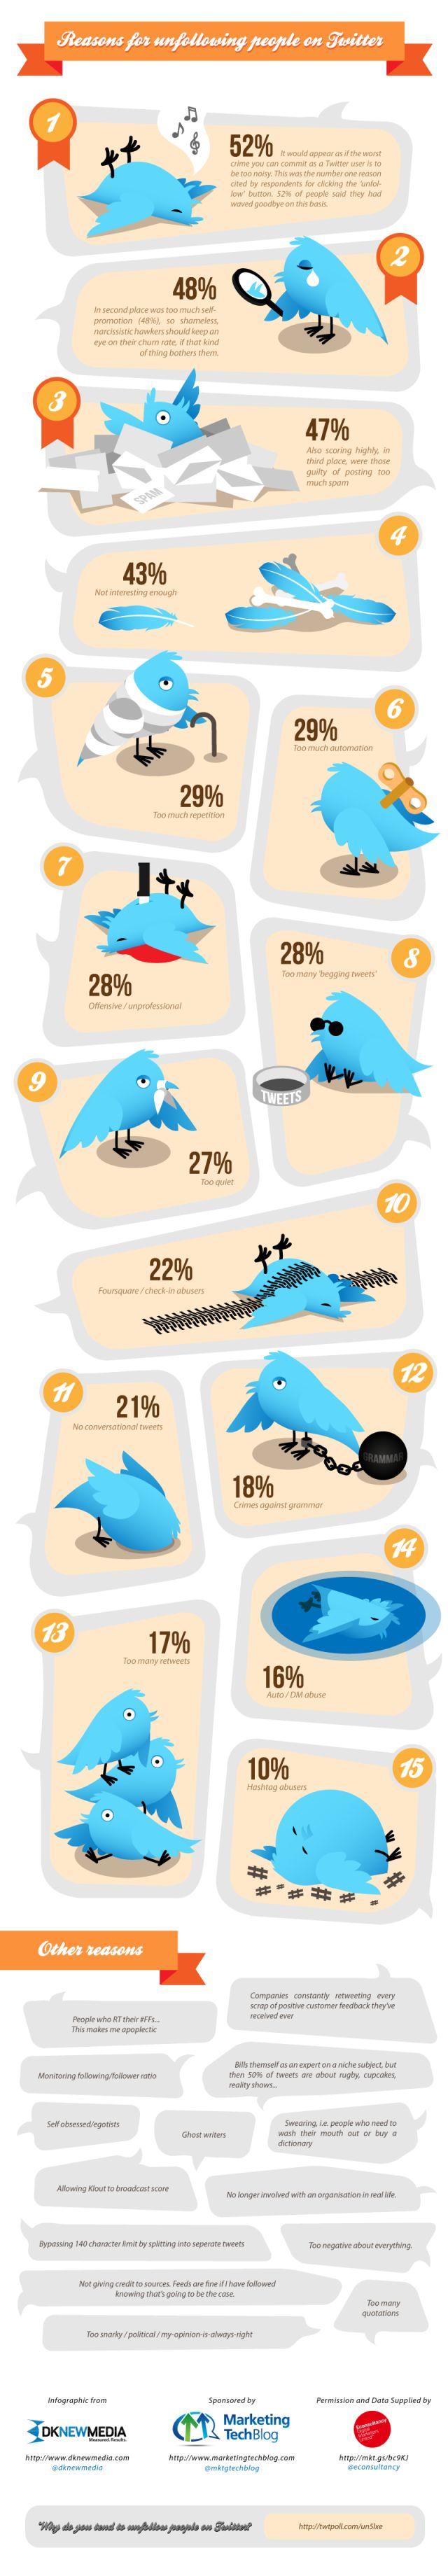 10 raisons de unfollow sur Twitter